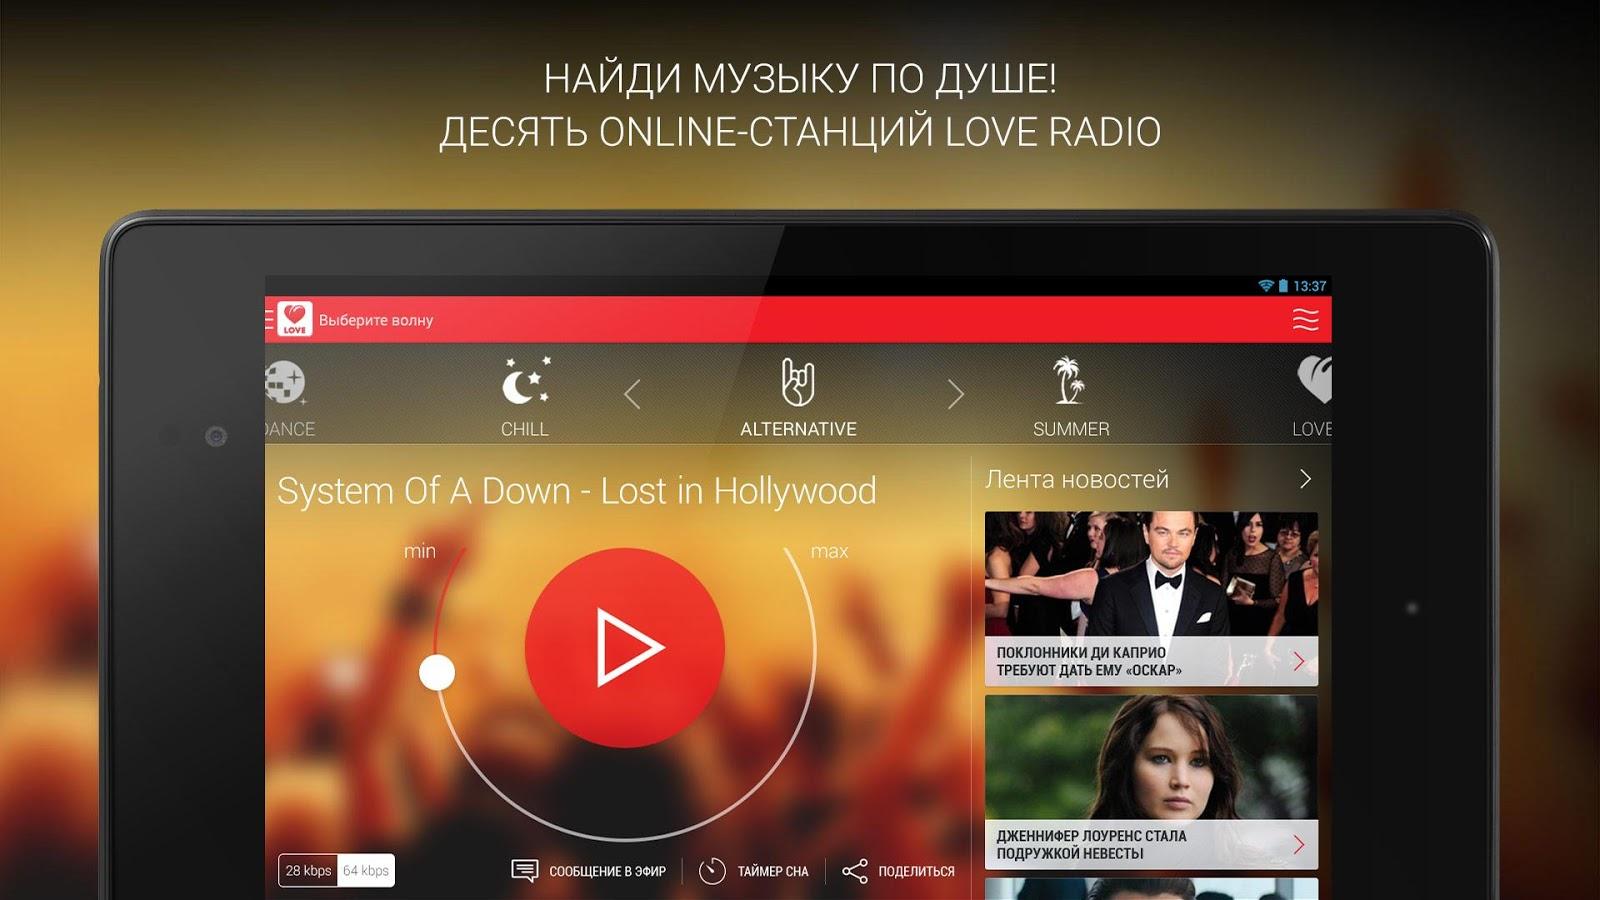 Скачать песни на радио лав mp3 русские